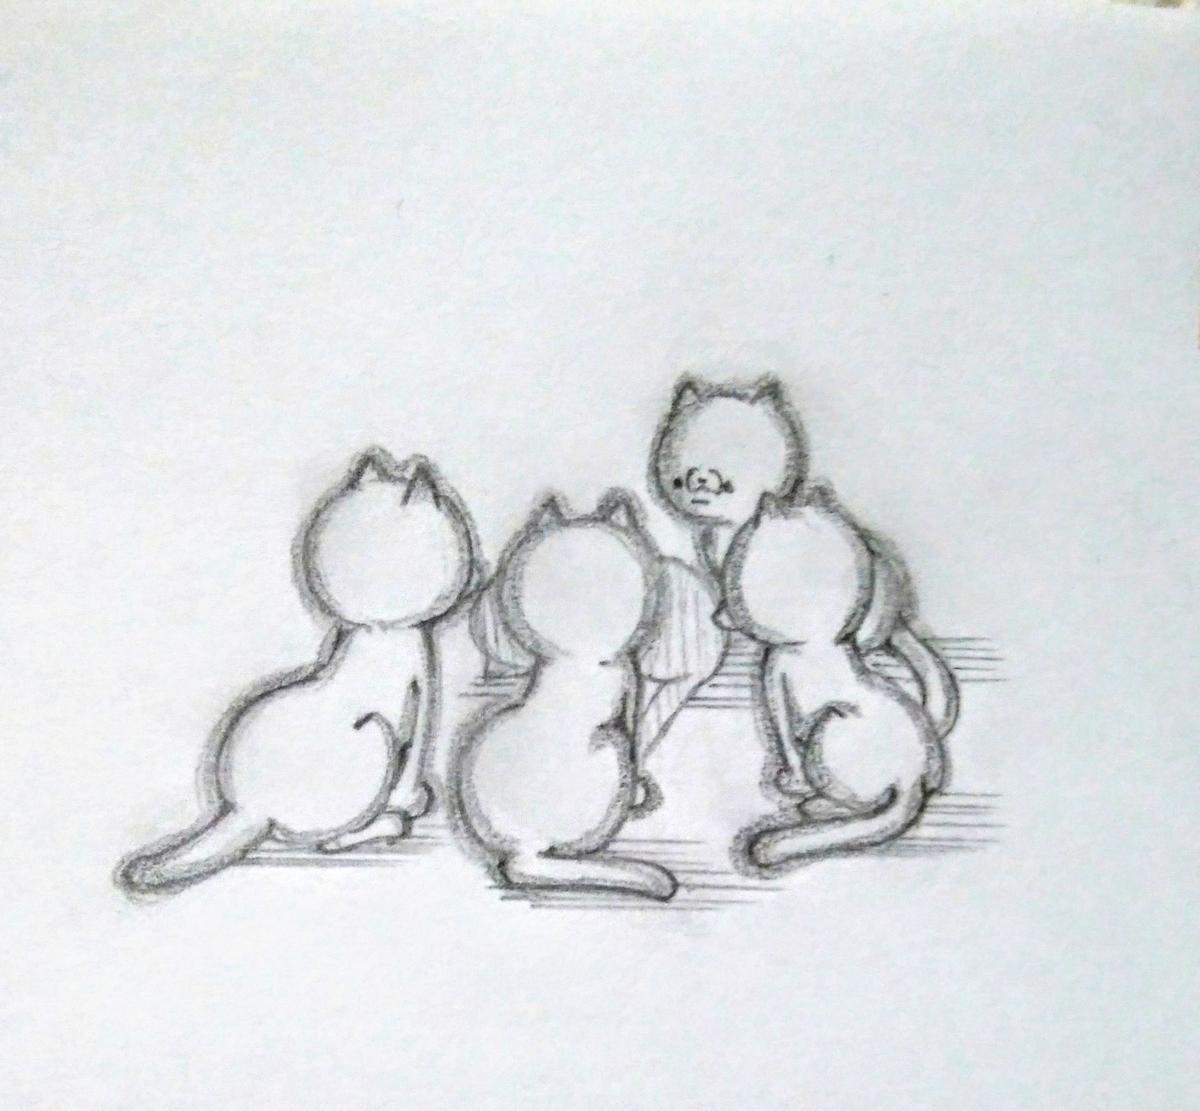 f:id:maricats:20200922001950j:plain